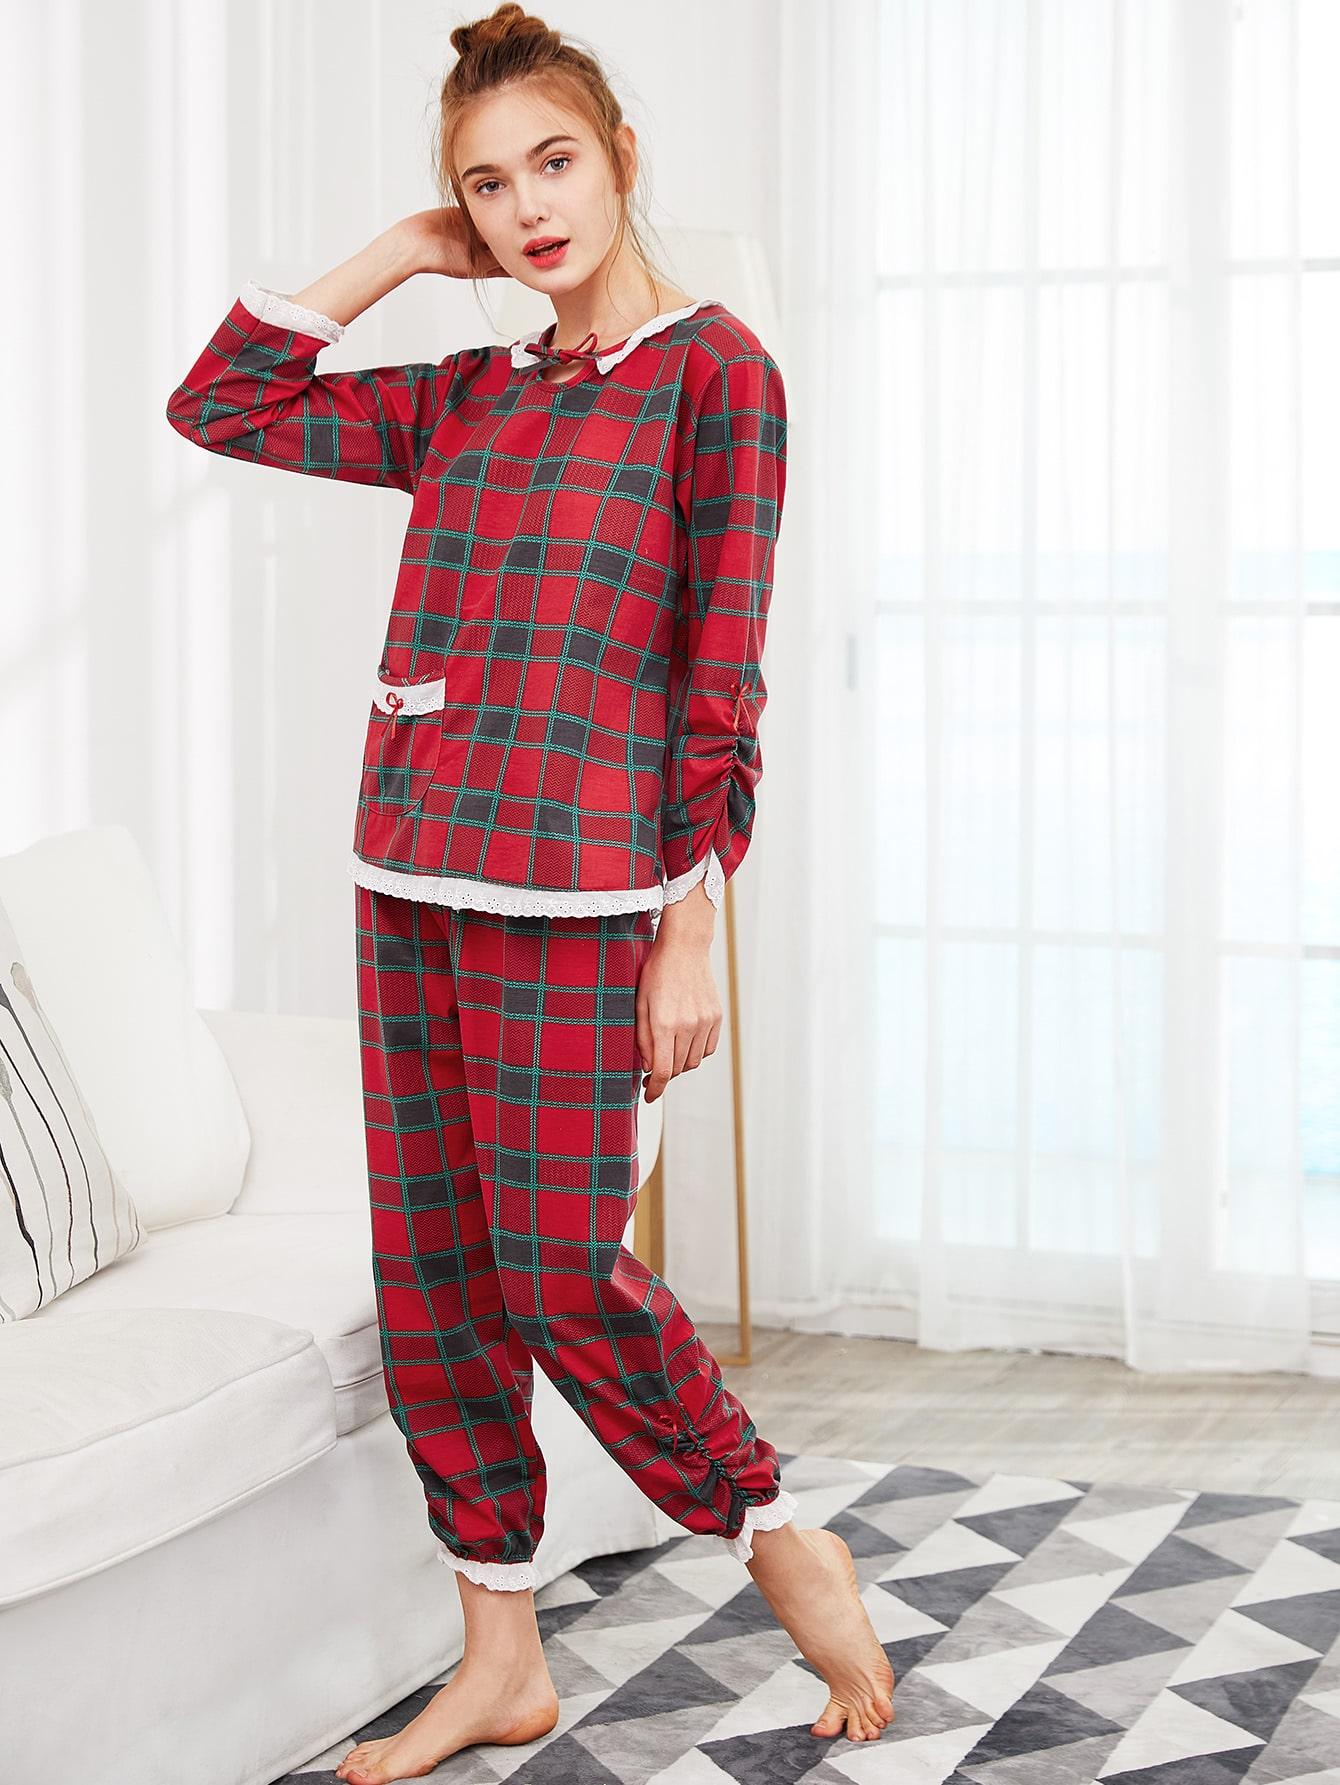 Contrast Lace Trim Plaid Top & Pants PJ Set contrast plaid tee